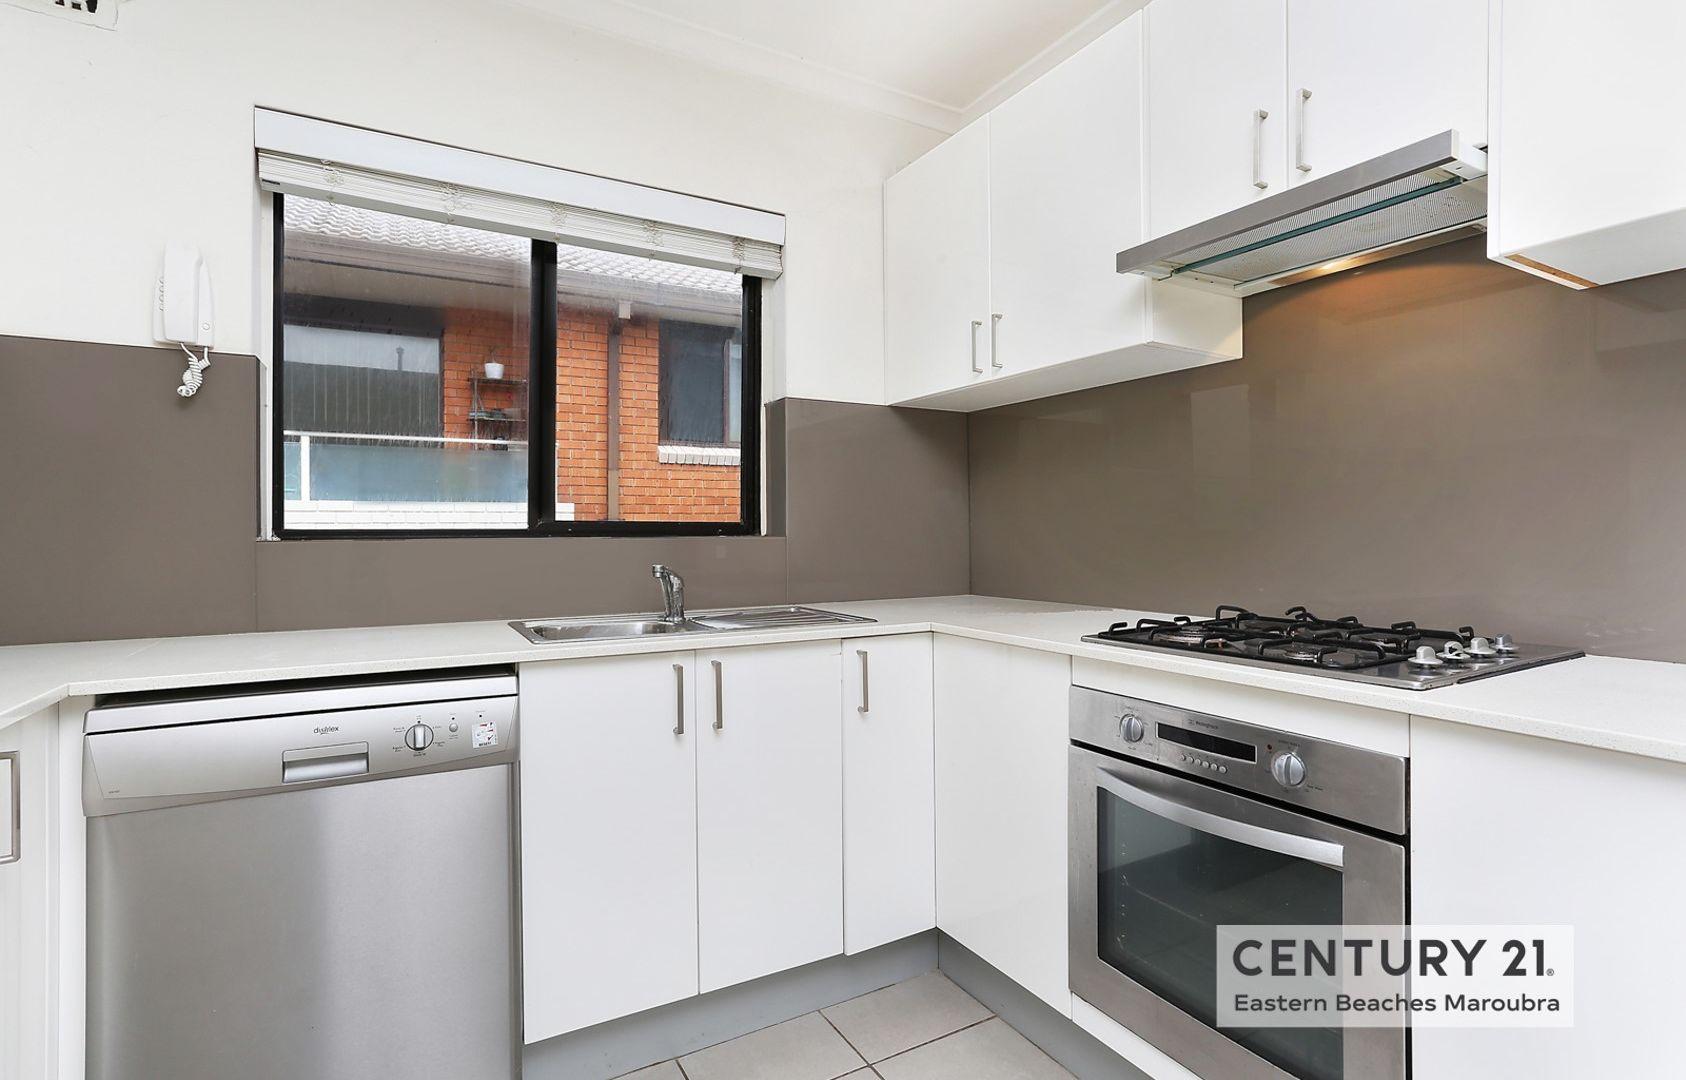 8/16 Bona Vista Ave, Maroubra NSW 2035, Image 2